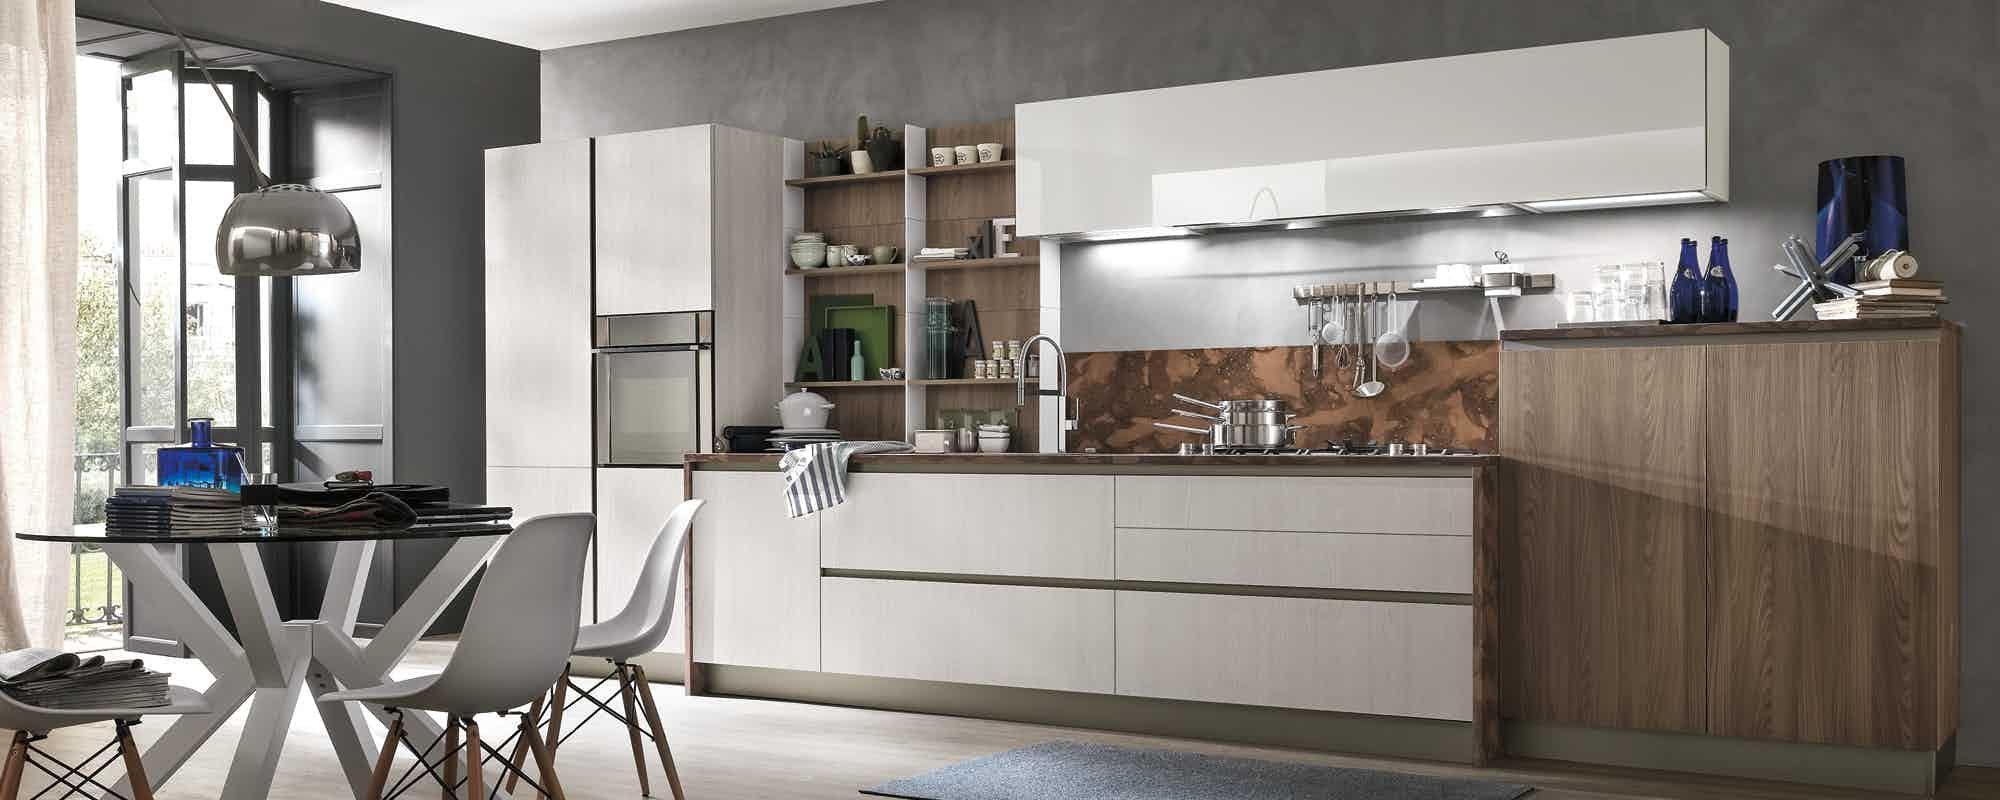 cucine moderne stosa - modello cucina infinity 04 | Kitchen ...